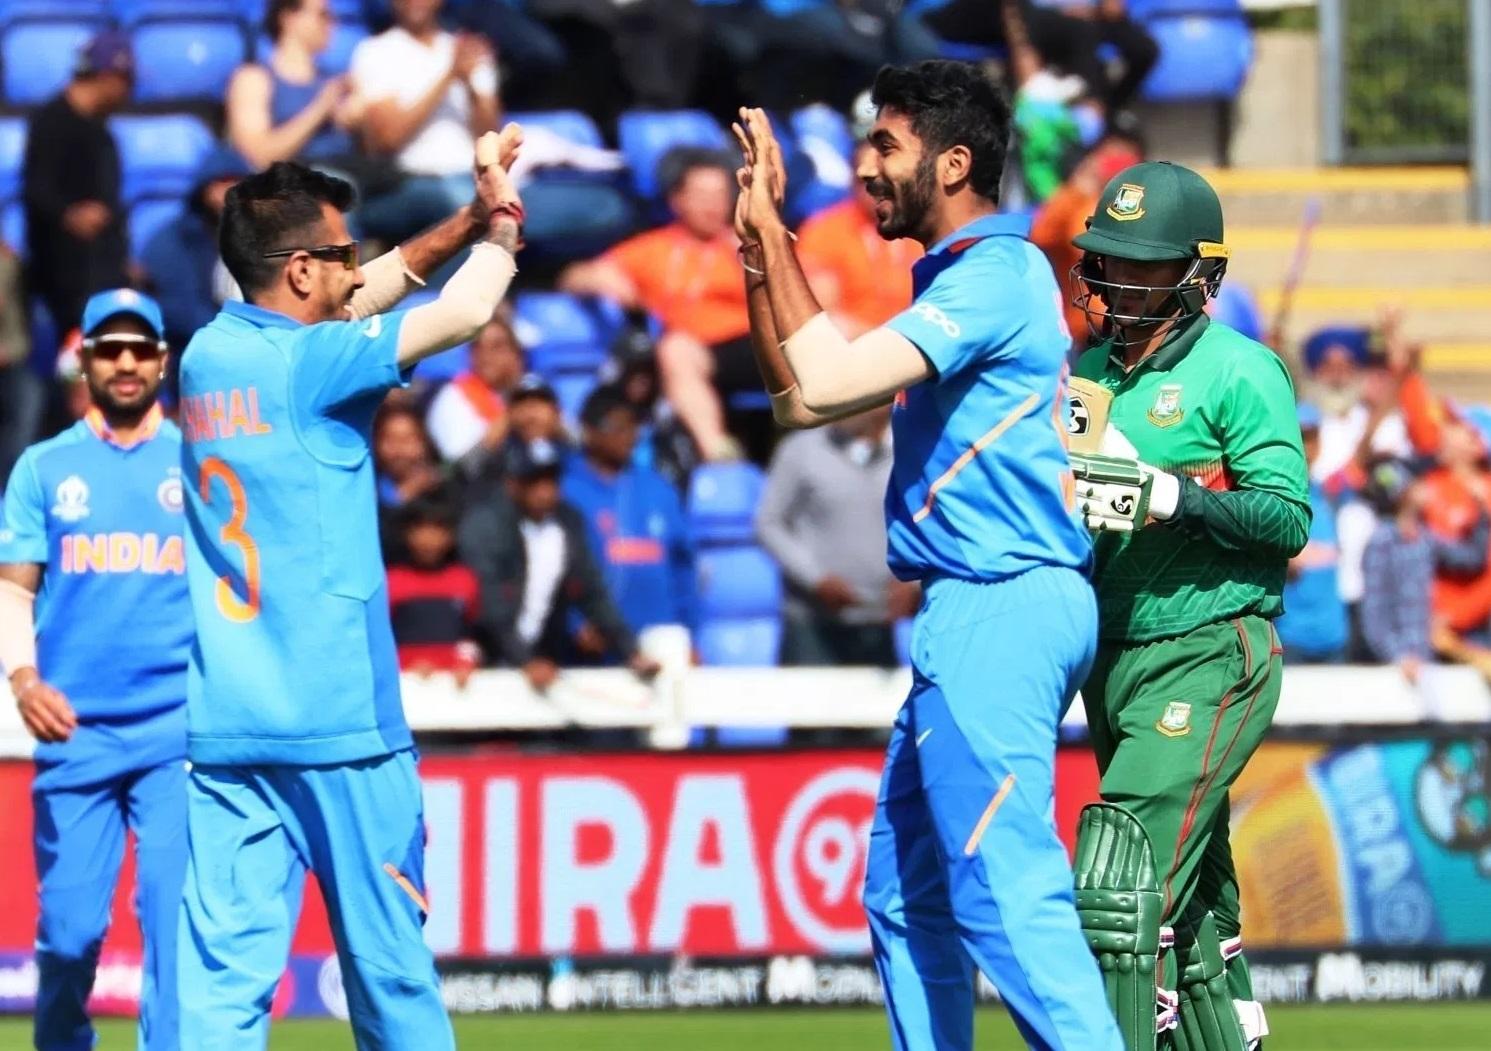 वर्ल्ड कपमध्ये भारताने 6 सामने जिंकले असून एक पराभव तर एक सामना पावसाने रद्द झाला. भारताचे 13 गुण झाले एक सामना श्रीलंकेशी होणार आहे.